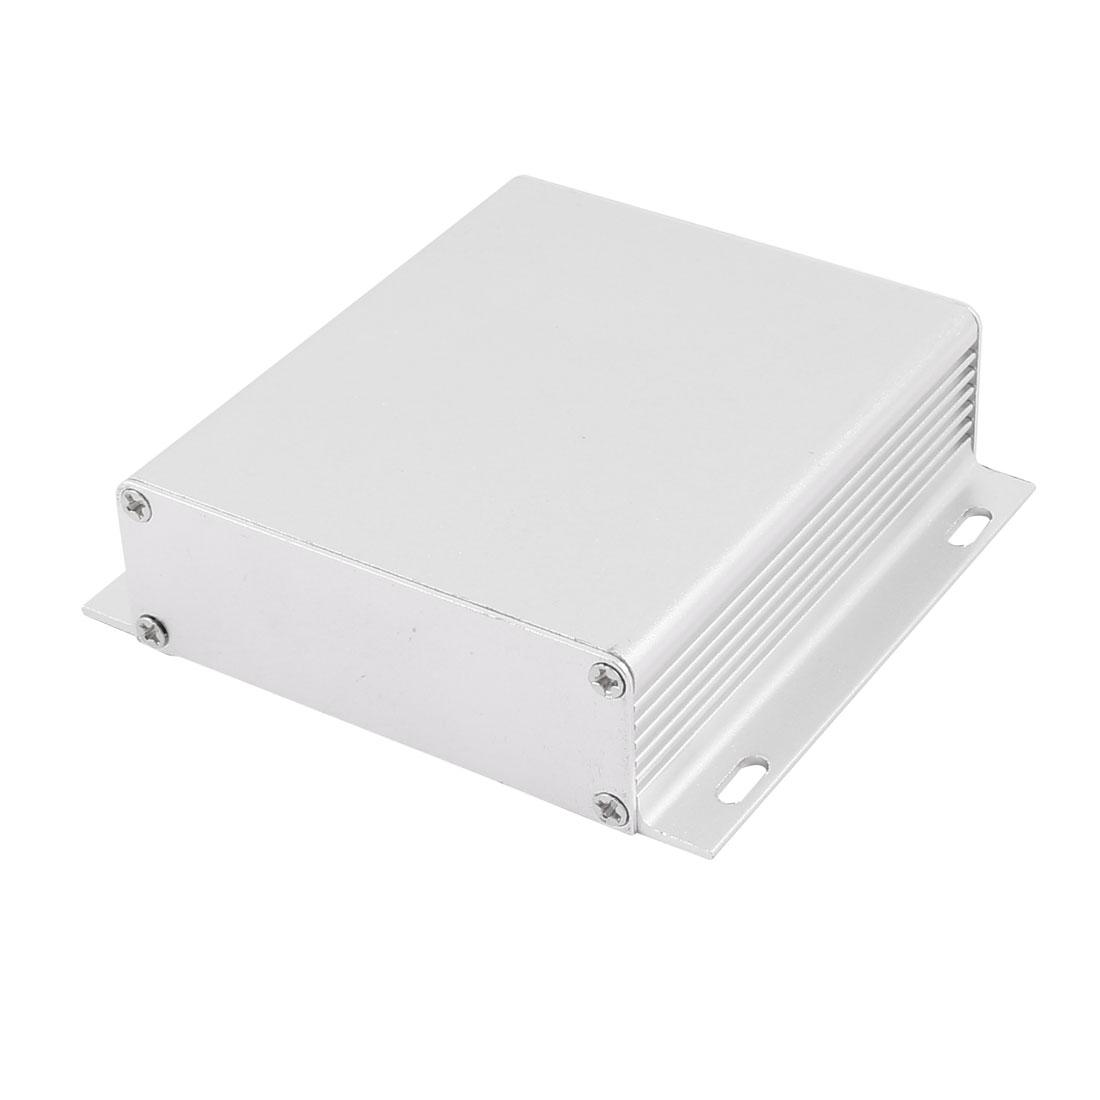 104 x 97 x 28mm Multi-purpose Electronic Extruded Aluminum Enclosure Box